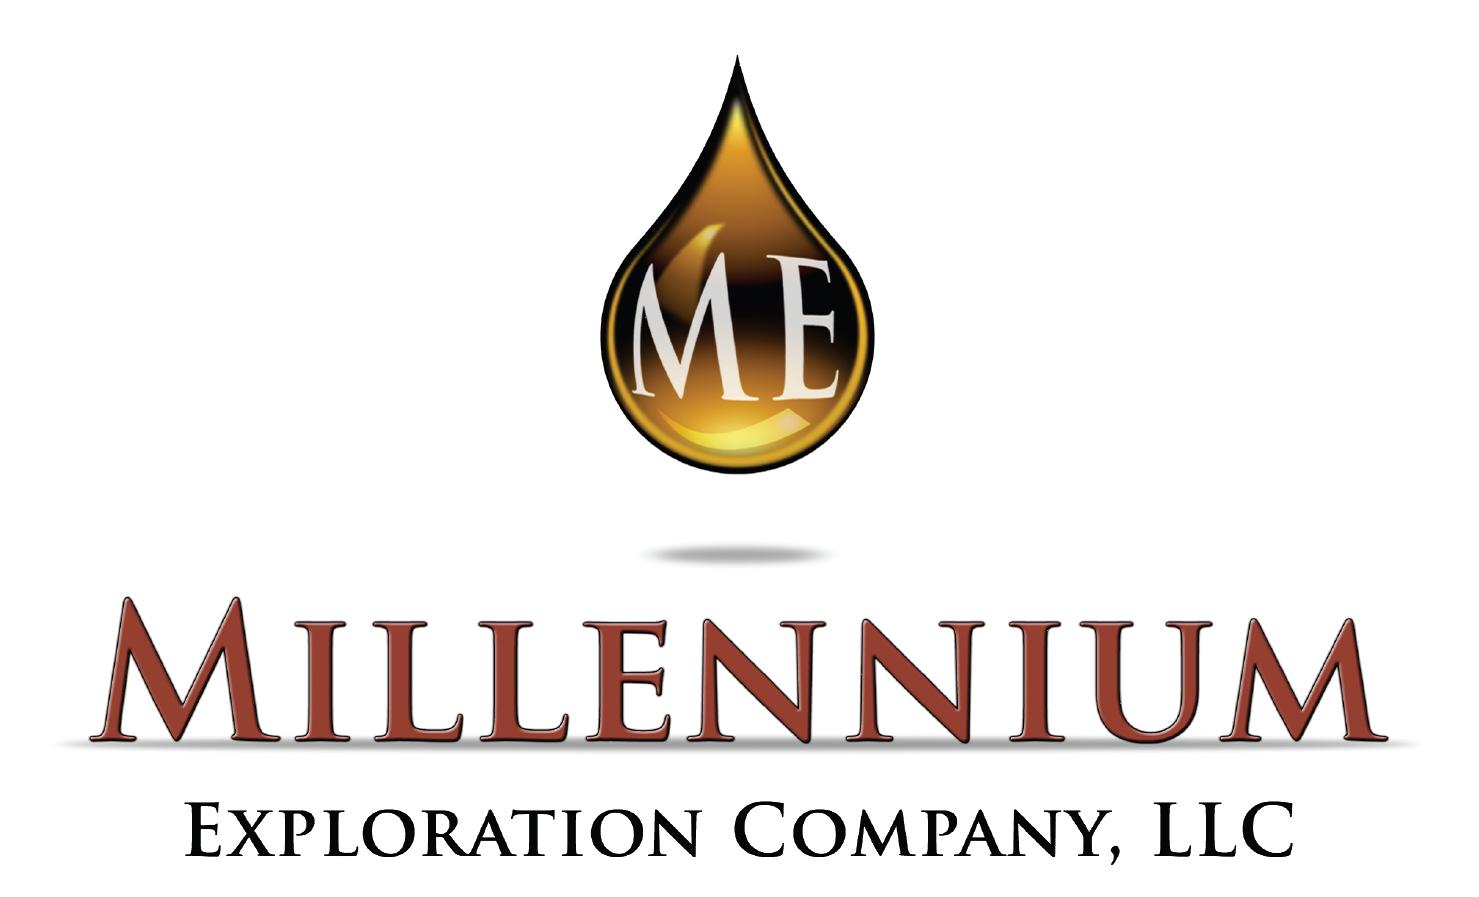 Millennium Exploration Company, LLC